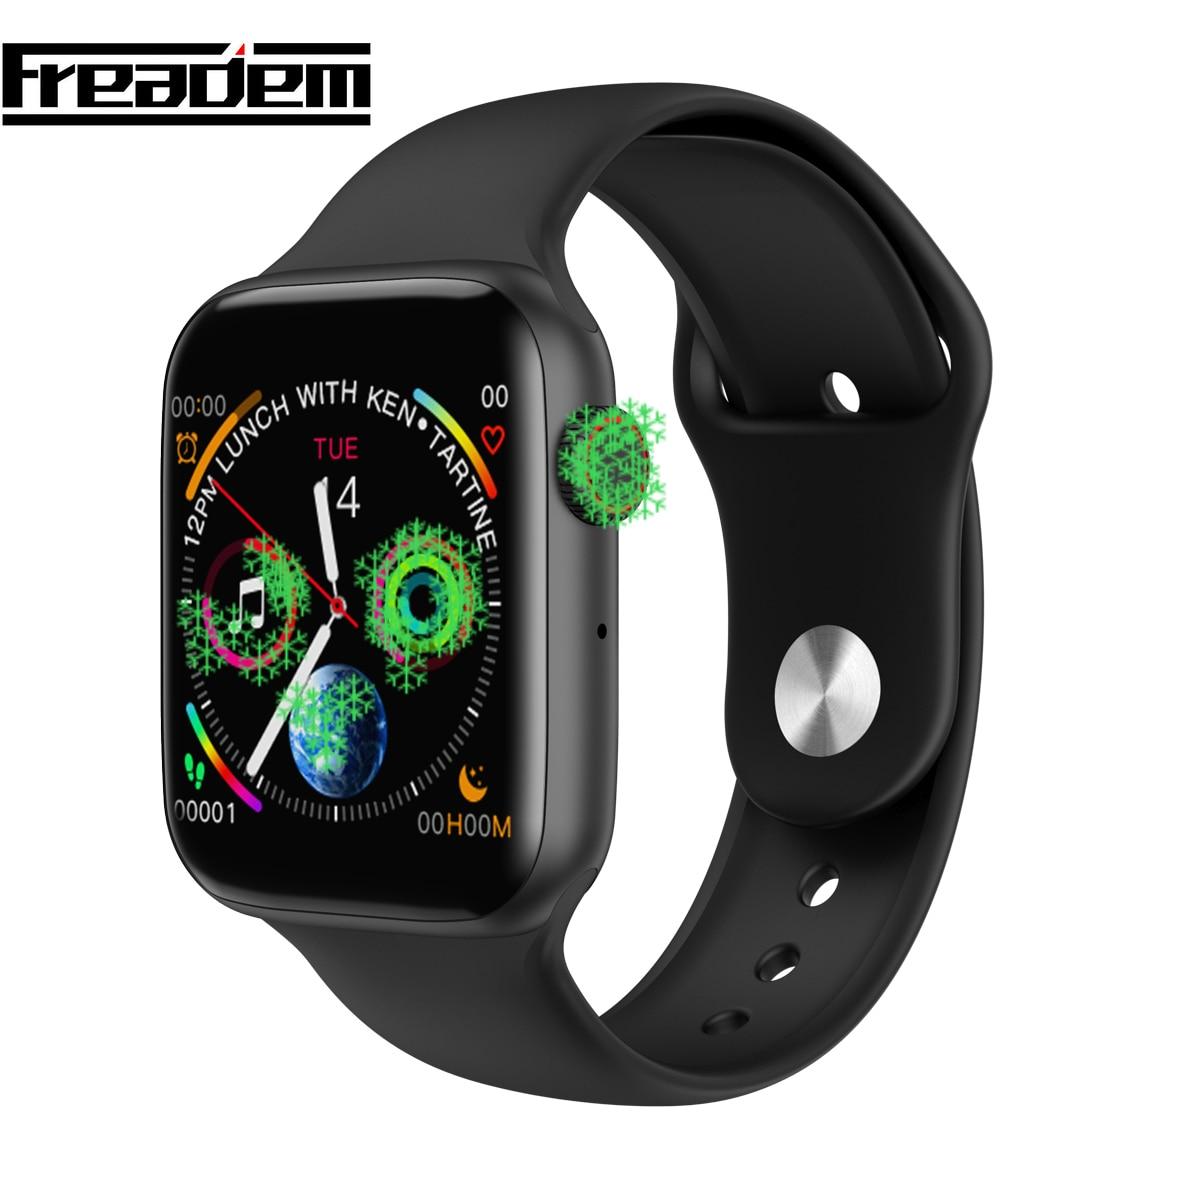 Monitor De Freqüência Cardíaca Do Bluetooth Relógio Inteligente Série 4 44 Caso mm para IOS android smartwatch Pedômetro relogio inteligente PK IWO 6 8